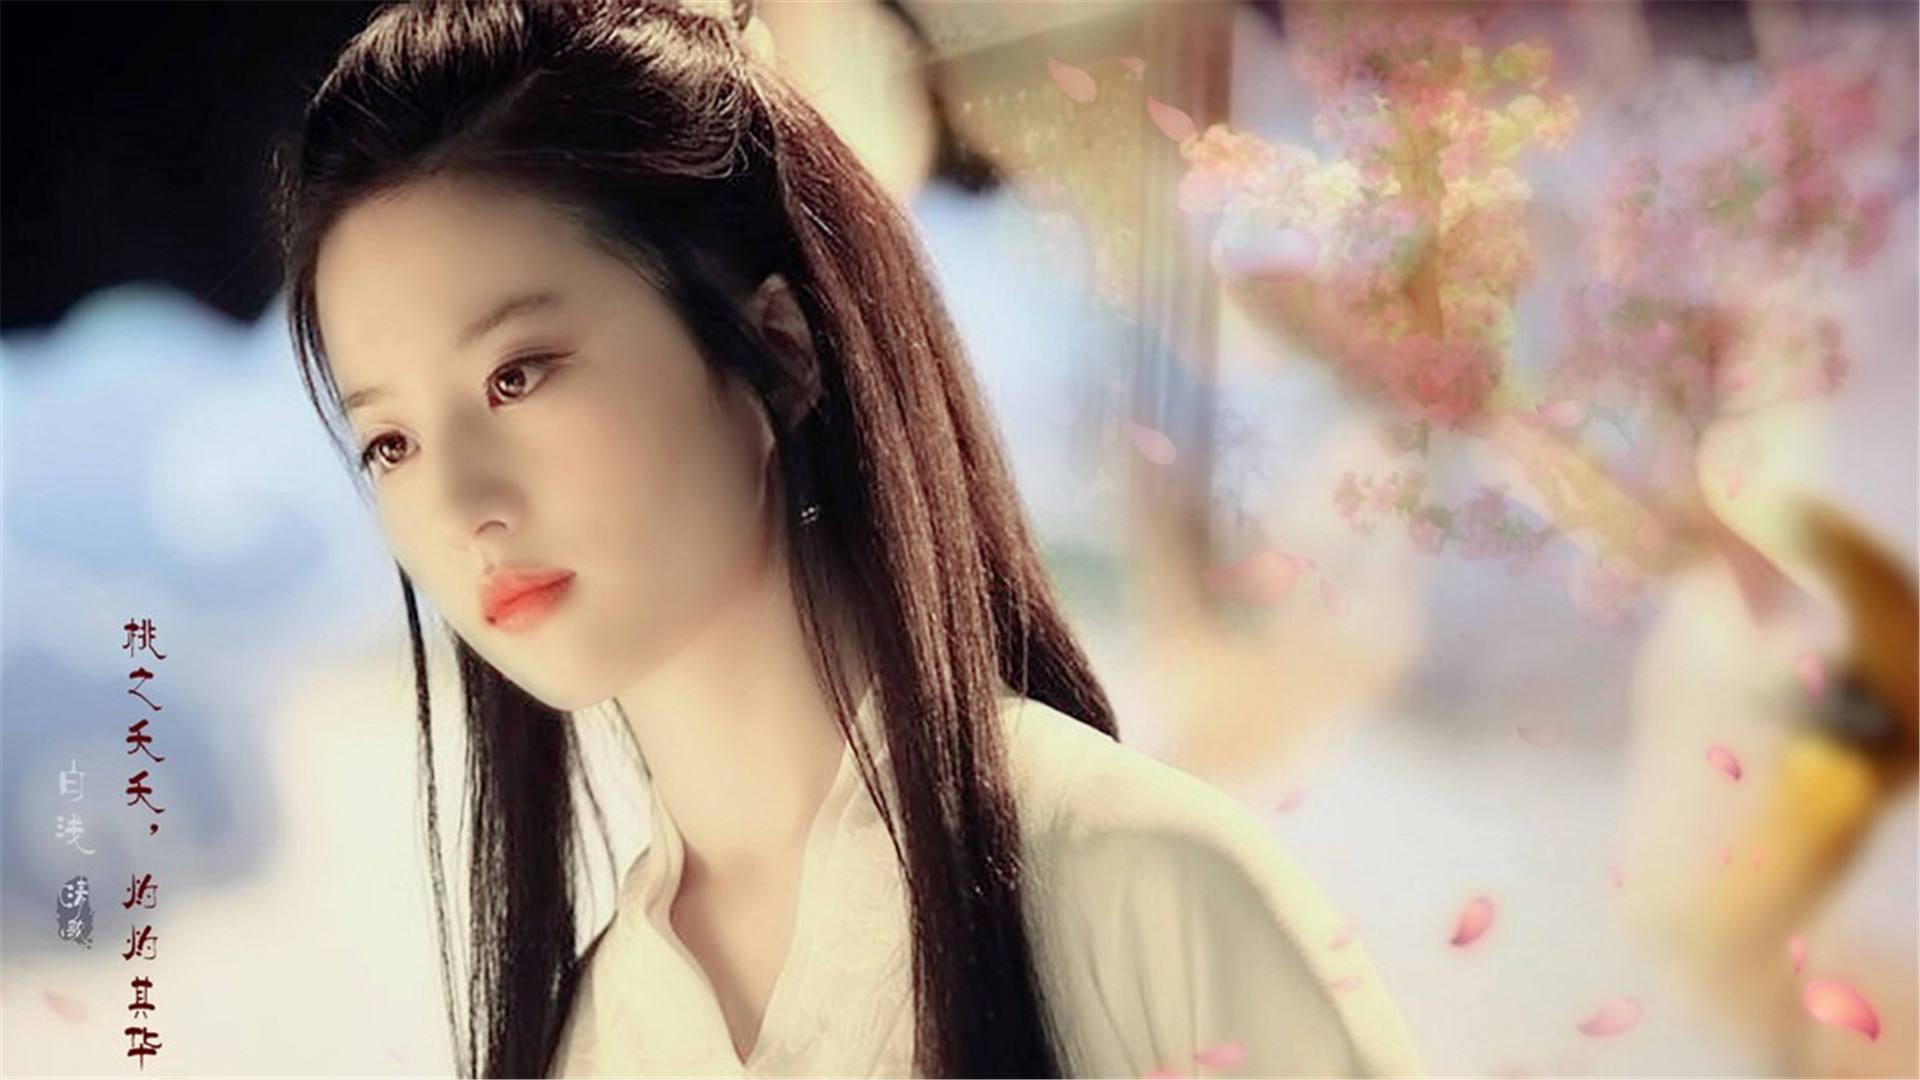 三生三世十里桃花电影最新消息 刘亦菲和杨洋或将在北美上映引